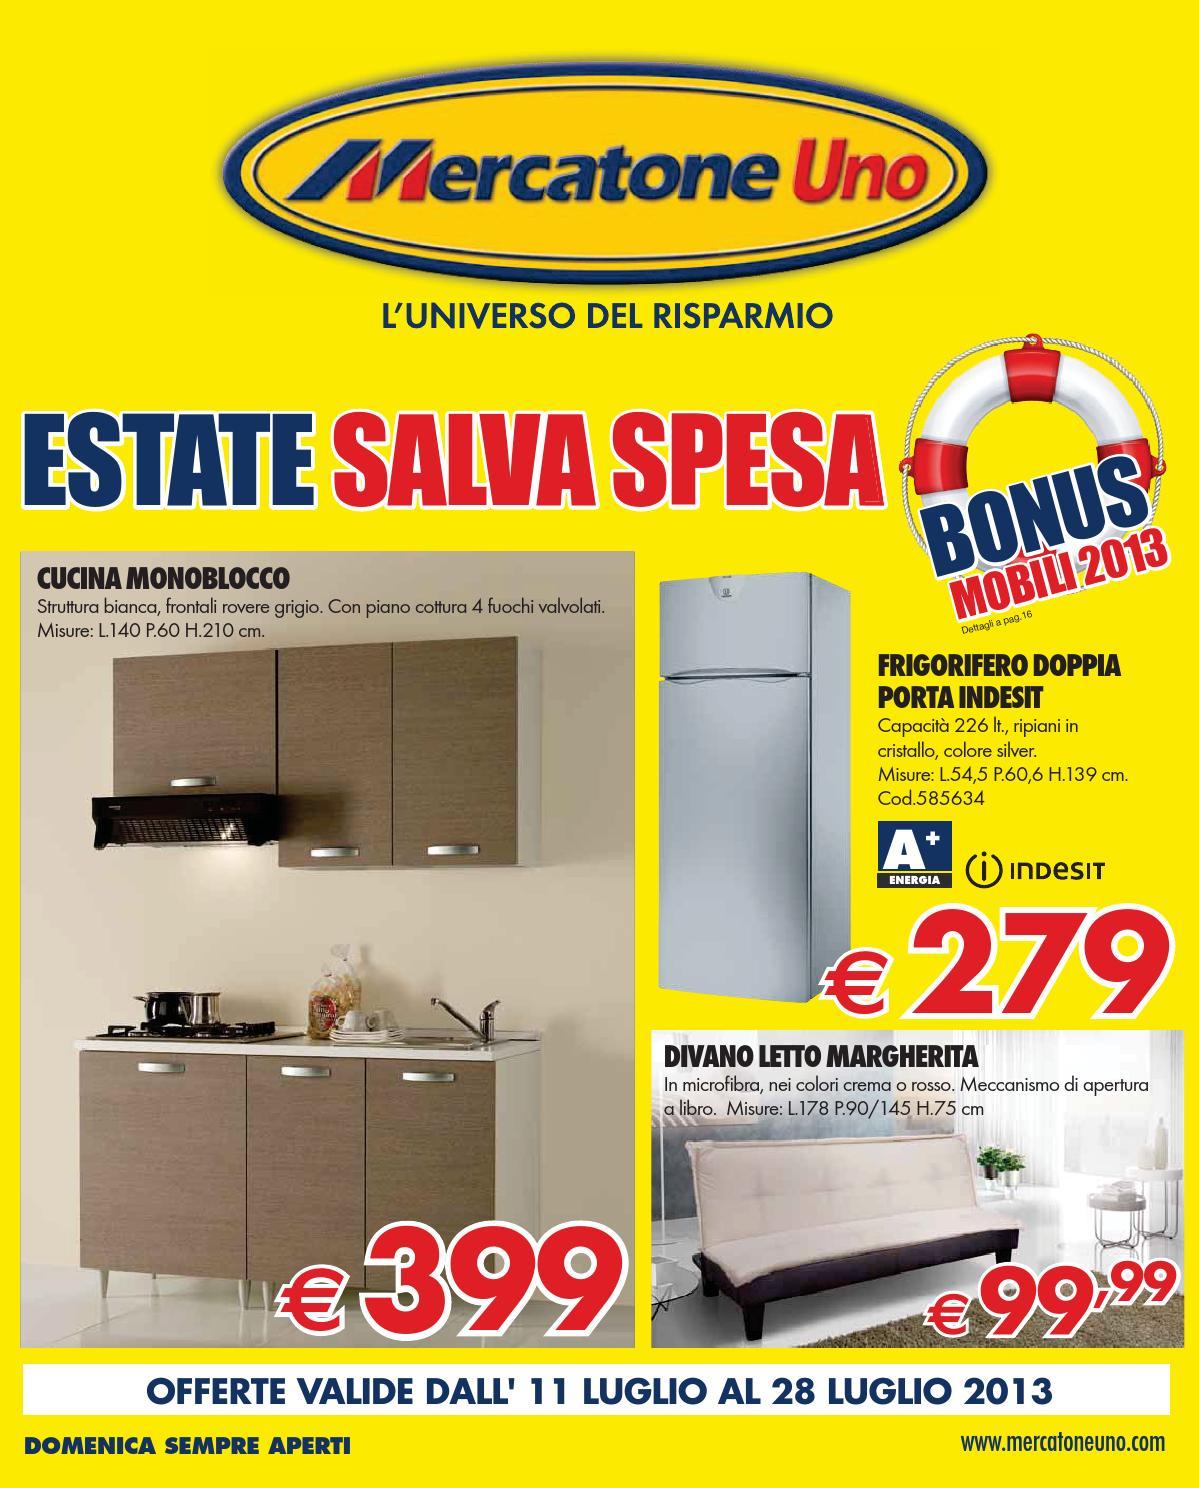 Mercatone Uno 11 28 Luglio 2013 By CatalogoPromozioni.com Issuu #C7B804 1199 1488 Carrello Cucina Mercatone Uno